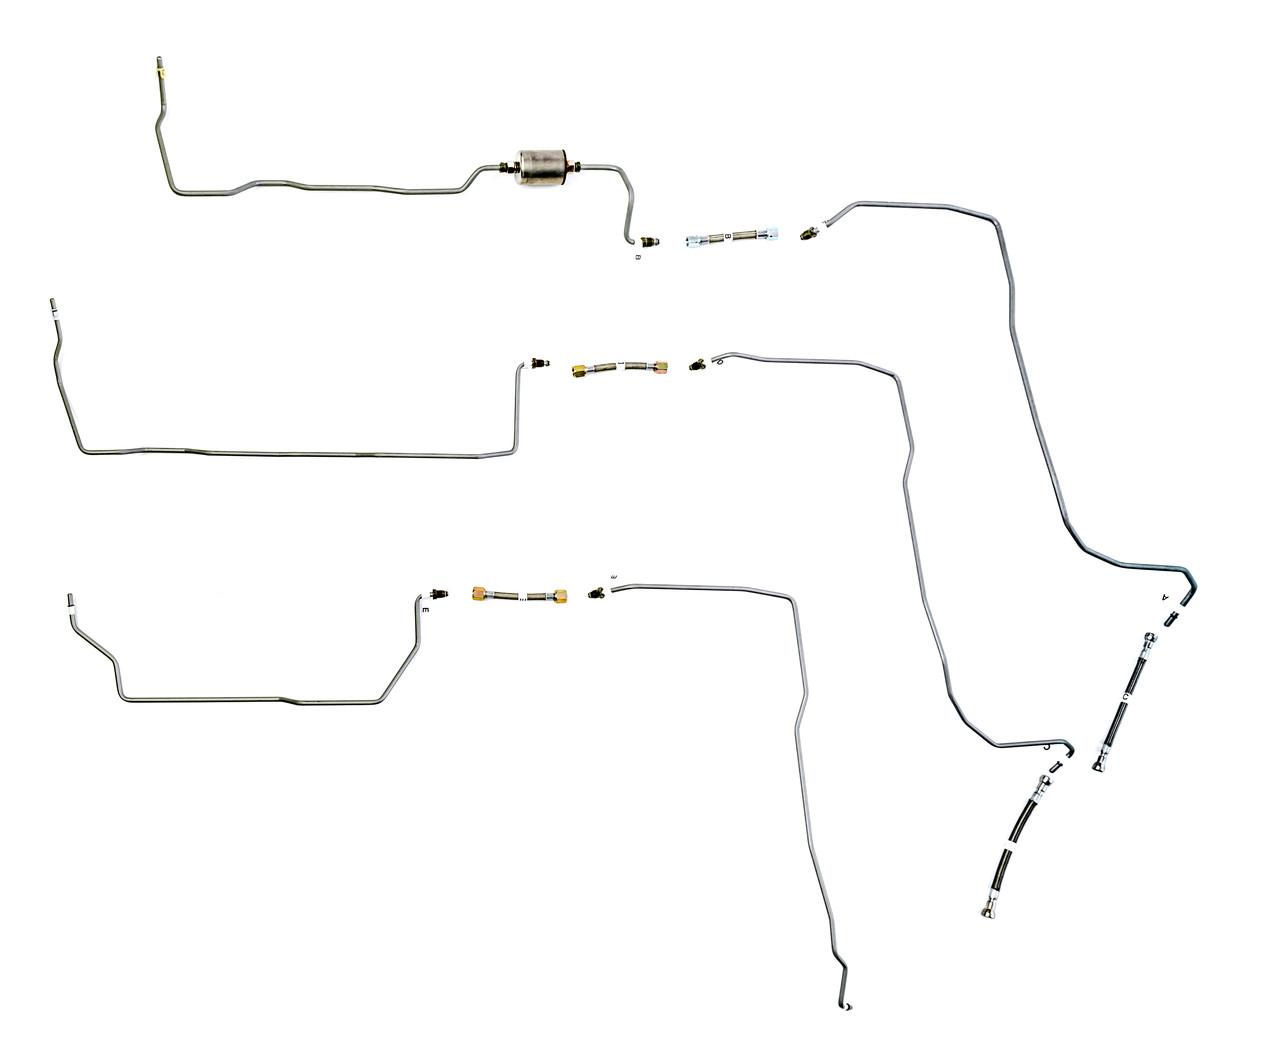 sierra fuel line 2003 c k2500 reg cab 8 ft bed 6 0l [ 1280 x 1054 Pixel ]